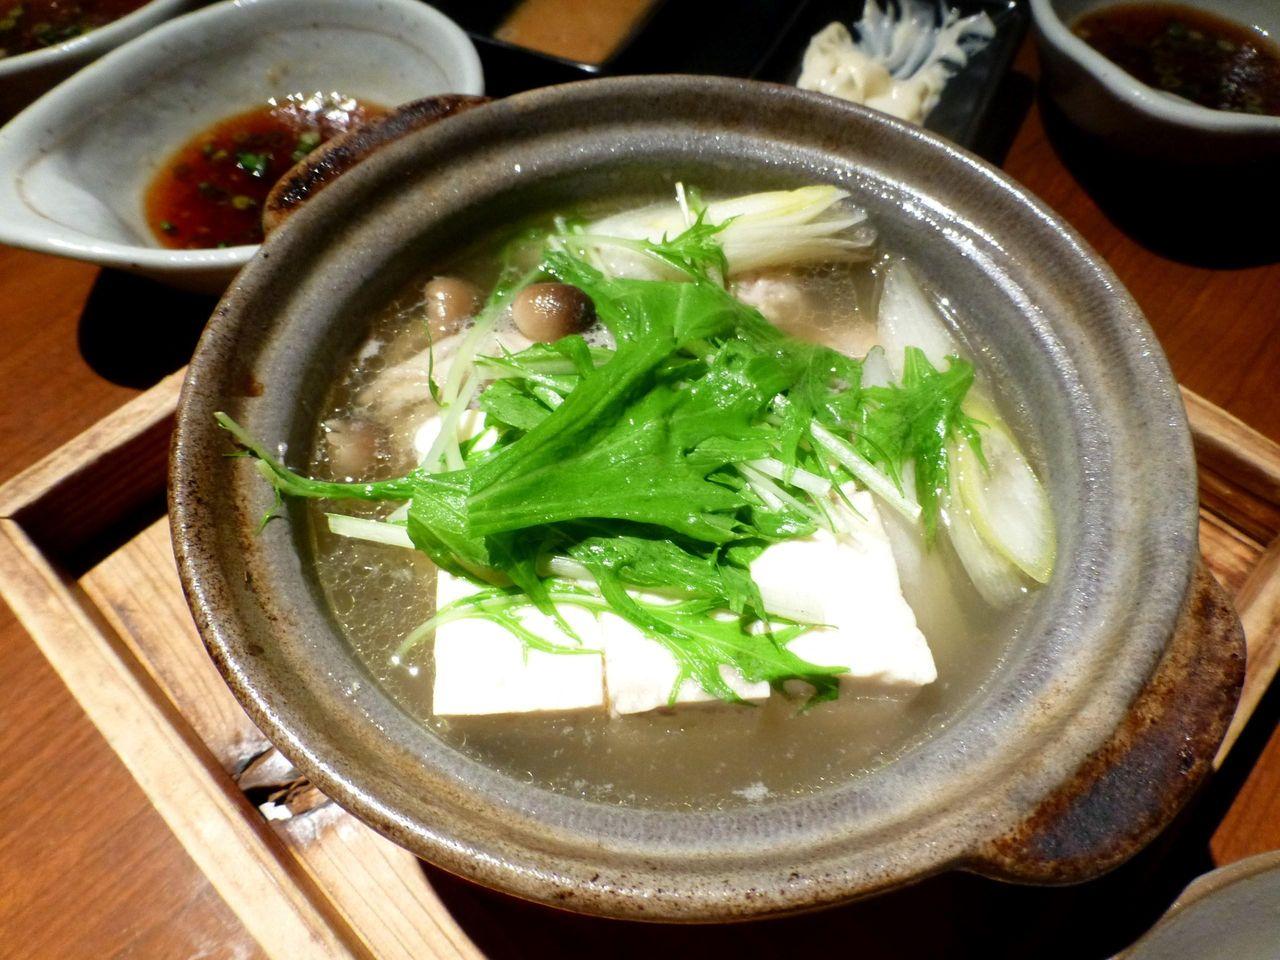 鶏ガラスープの湯豆腐つくね入り 580円